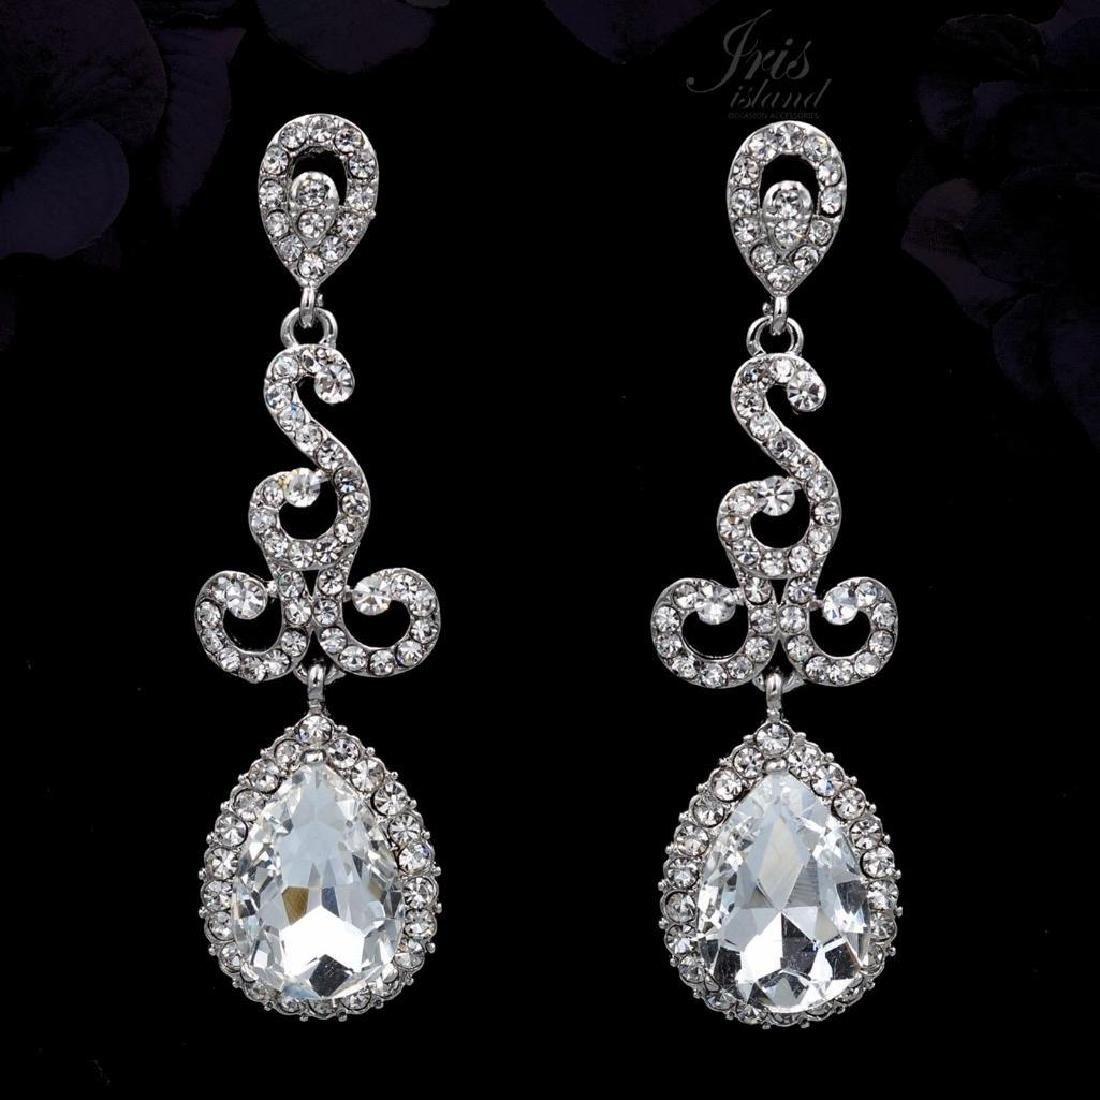 Rhodium Plated Clear Crystal Rhinestone Drop Dangle